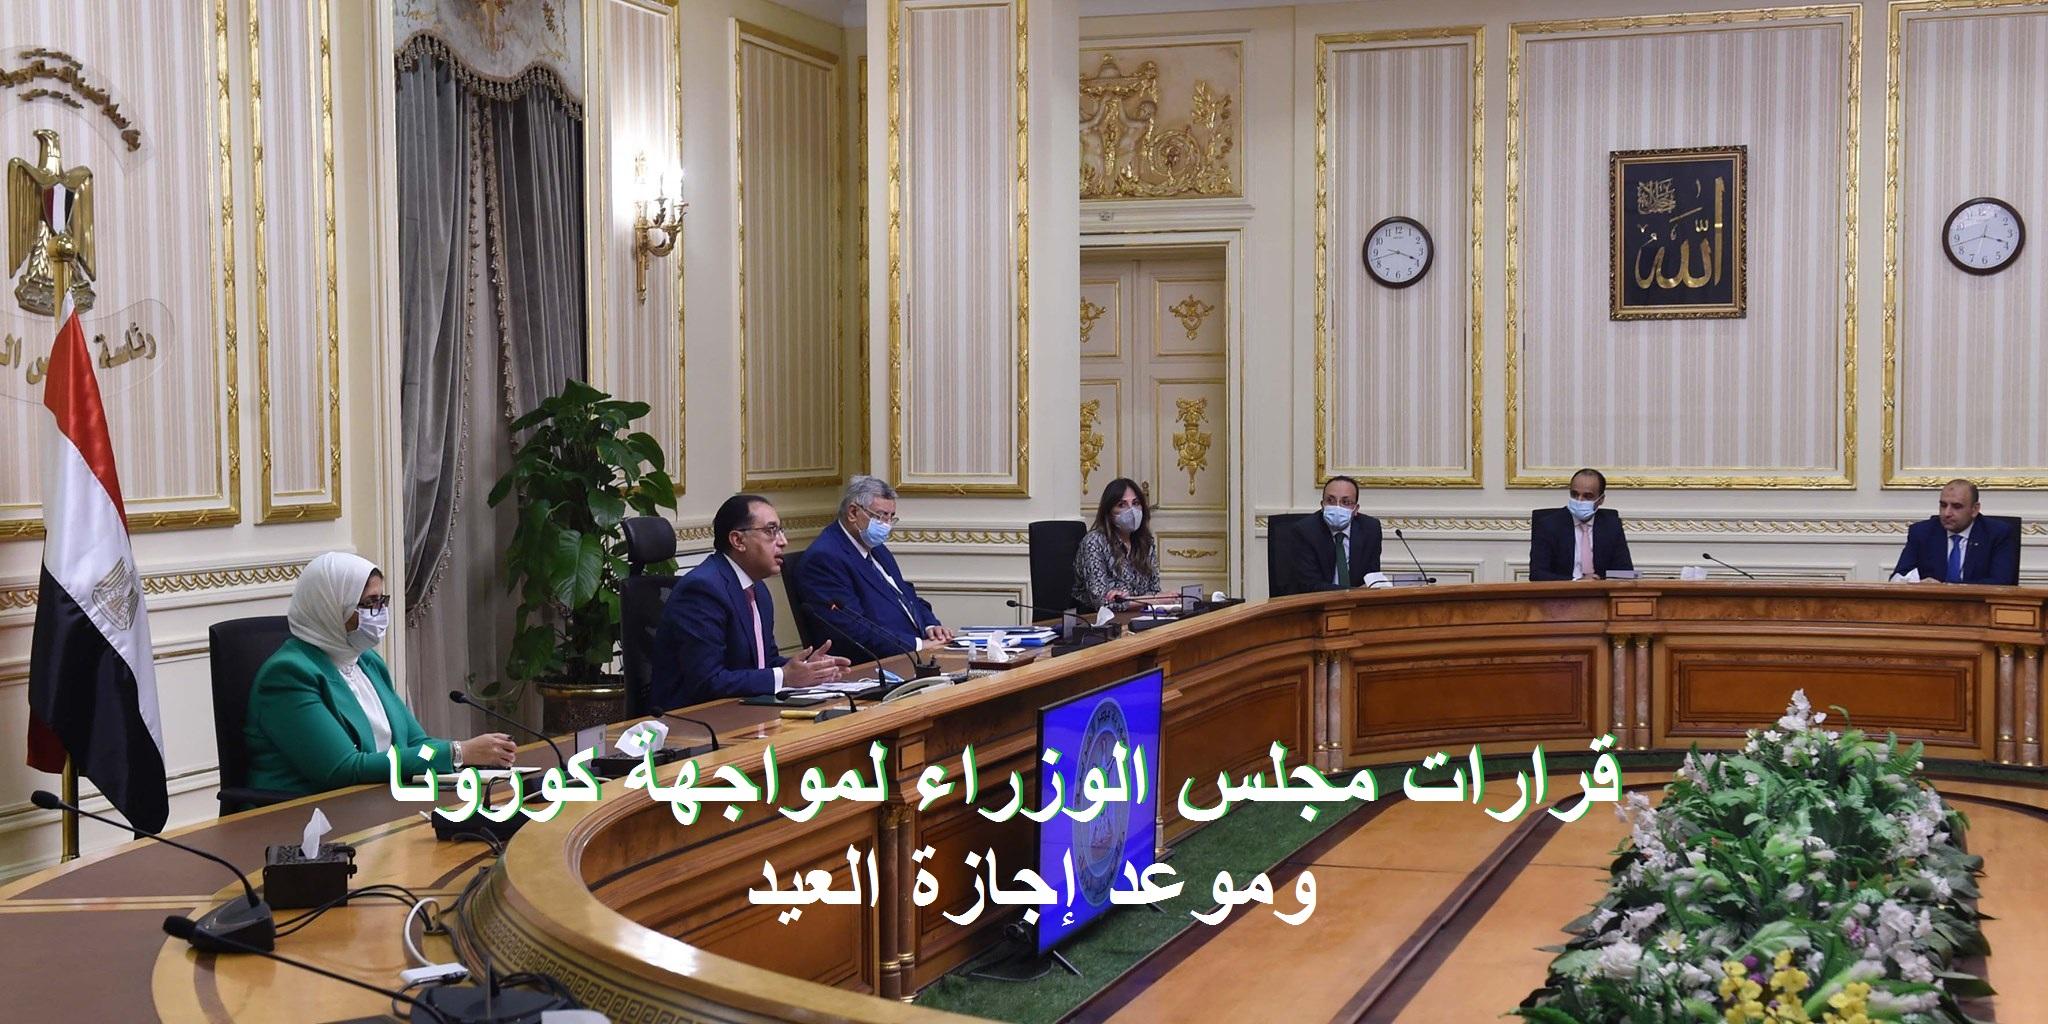 قرارات مجلس الوزراء اليوم لمواجهة كورونا وموعد إجازة عيد الفطر 2021 وموقف صلاة العيد